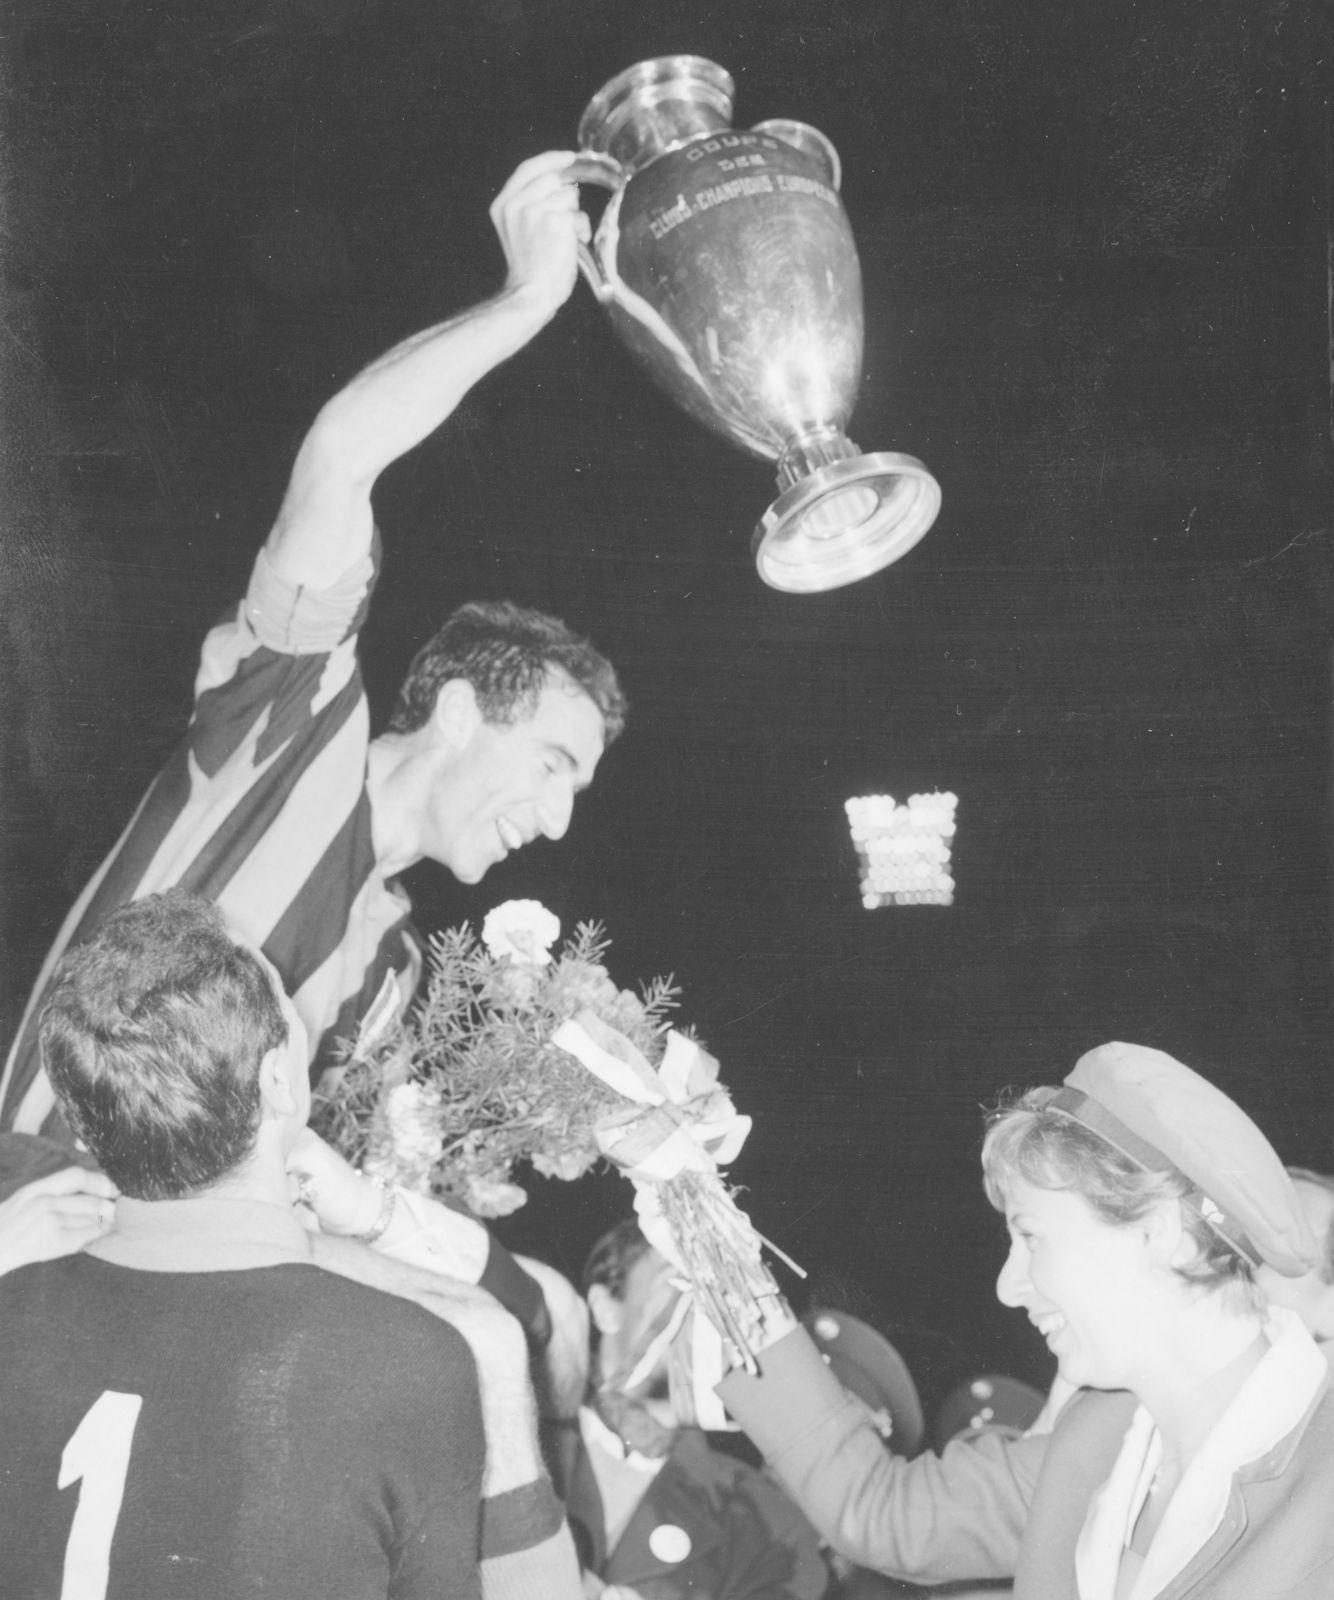 Armando Picchi and the European Cup